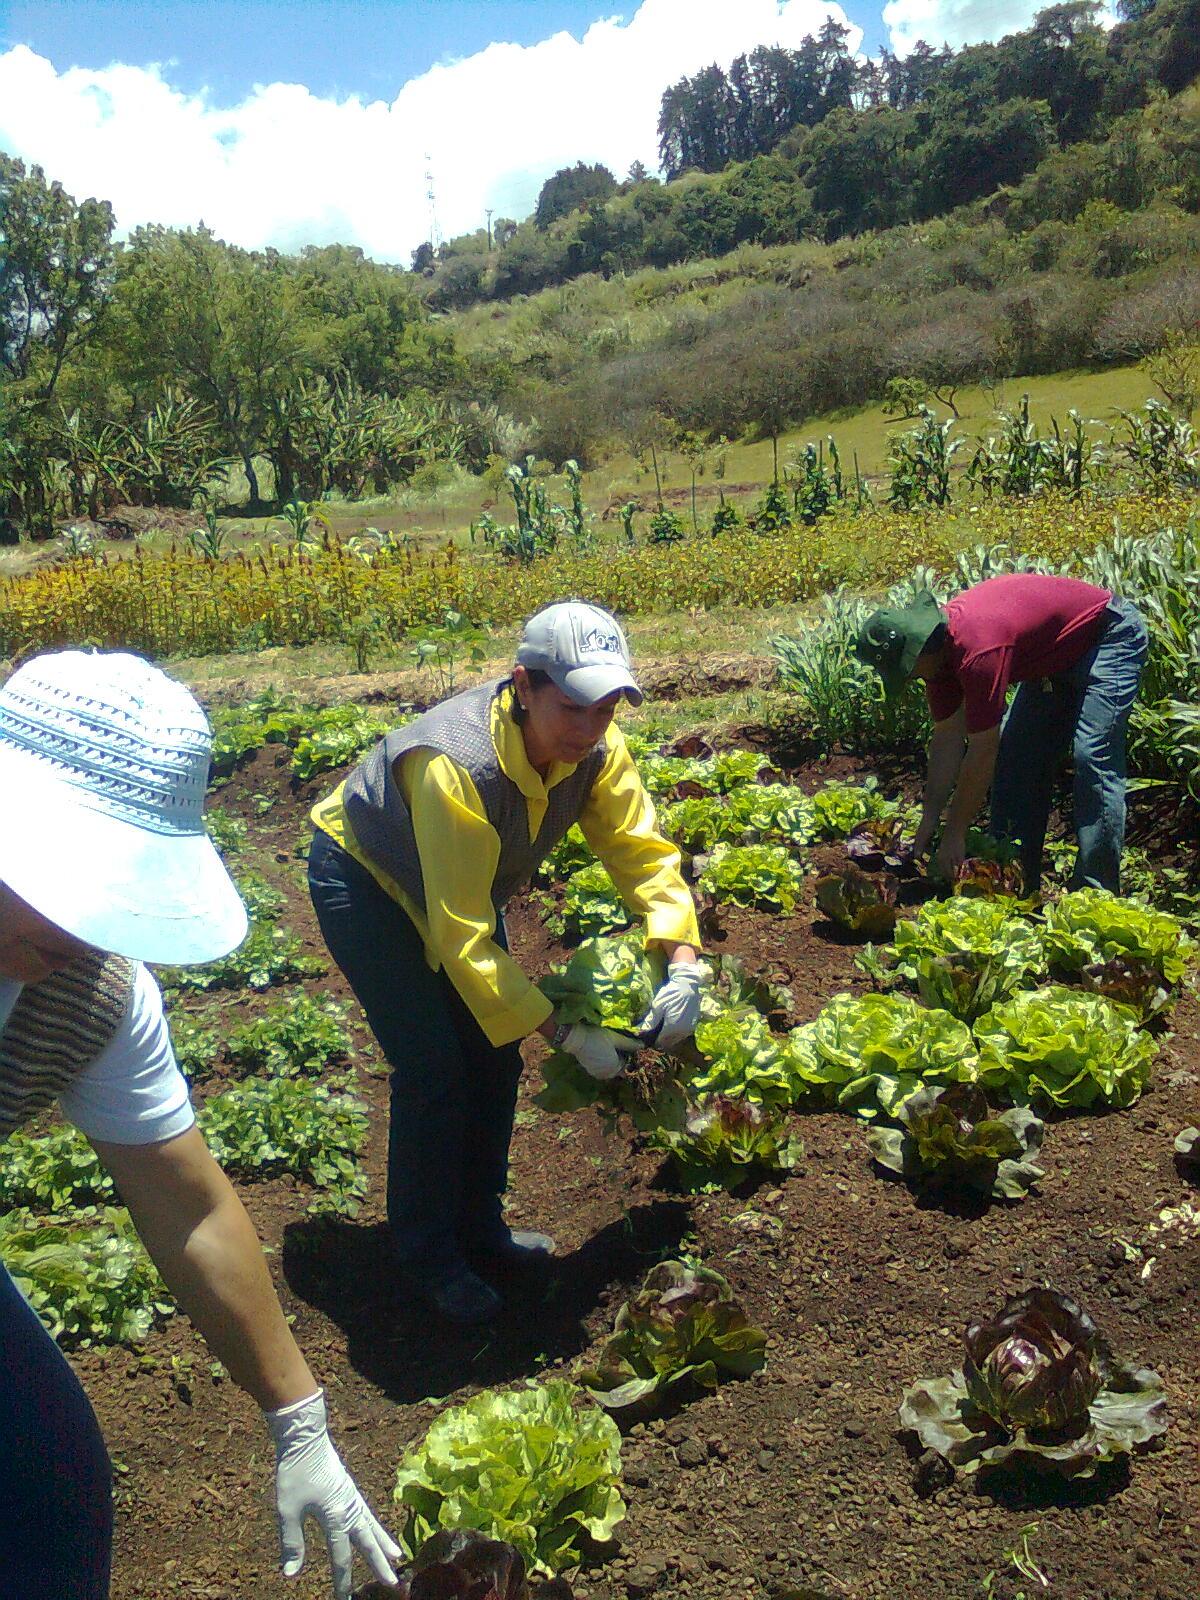 Mantenimiento y dise o de jardines cosecha del mandala - Jardines con poco mantenimiento ...